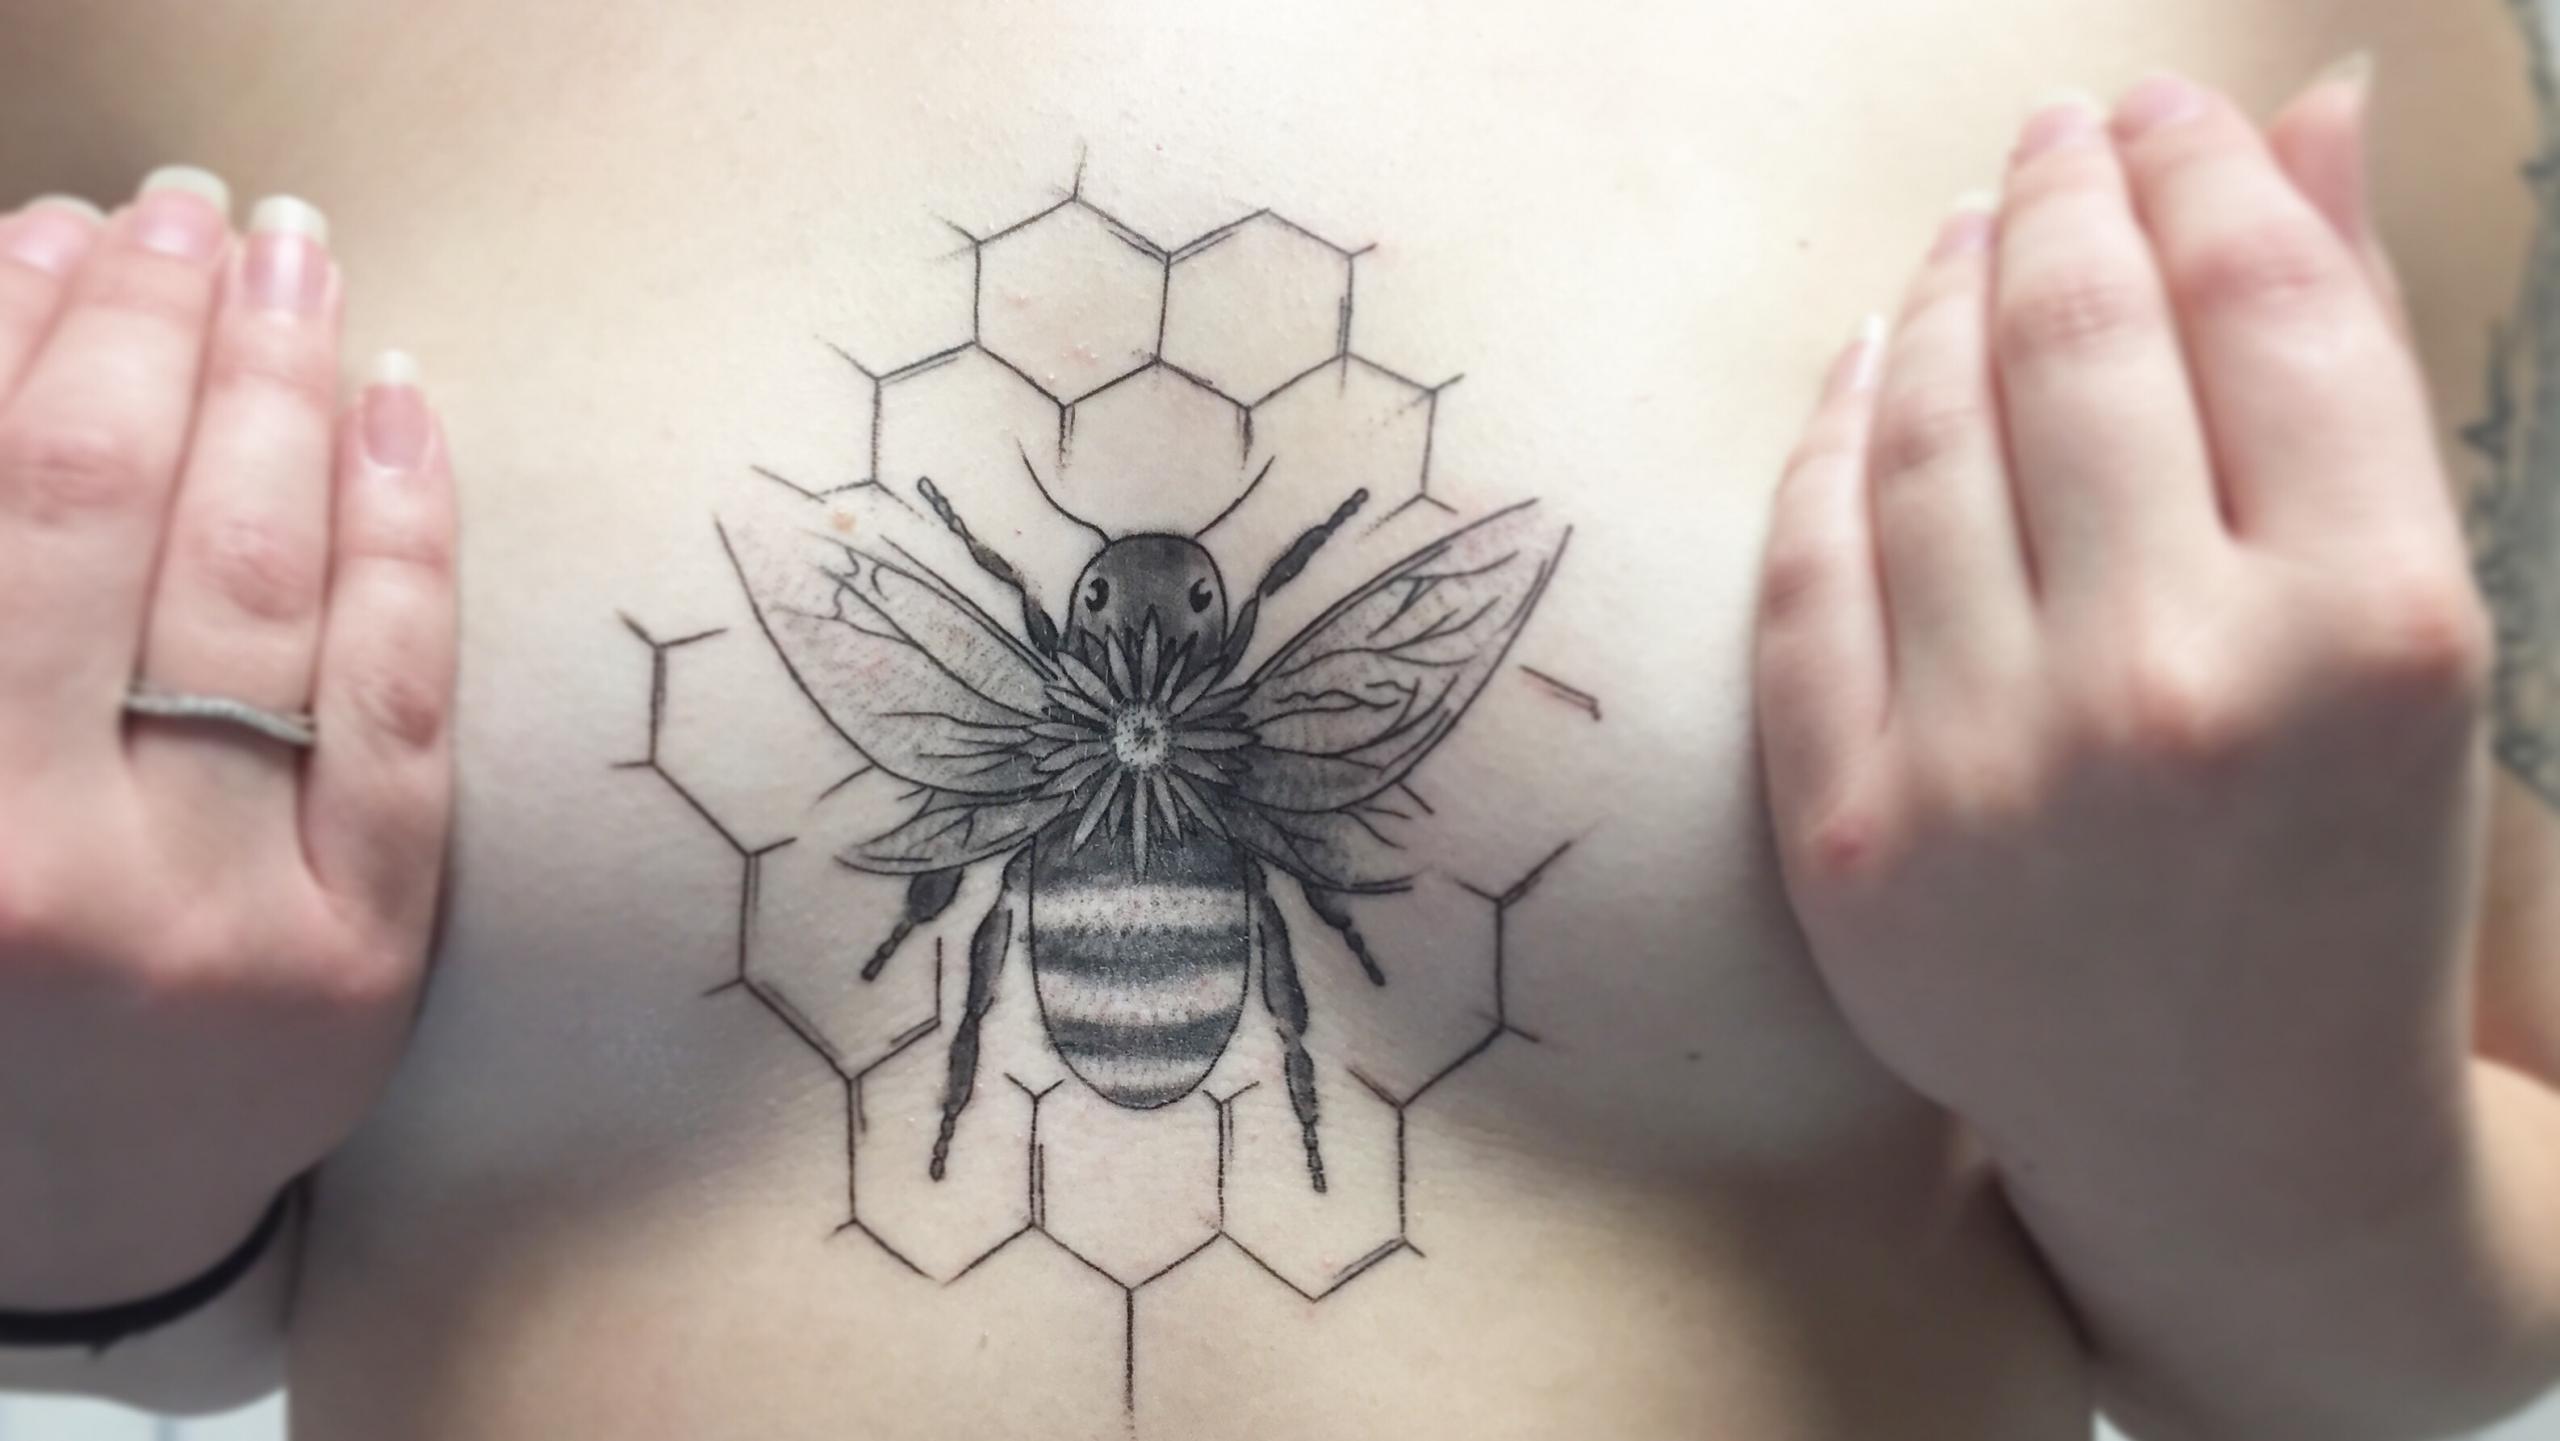 Brust Tätowierung Biene Sechsecke